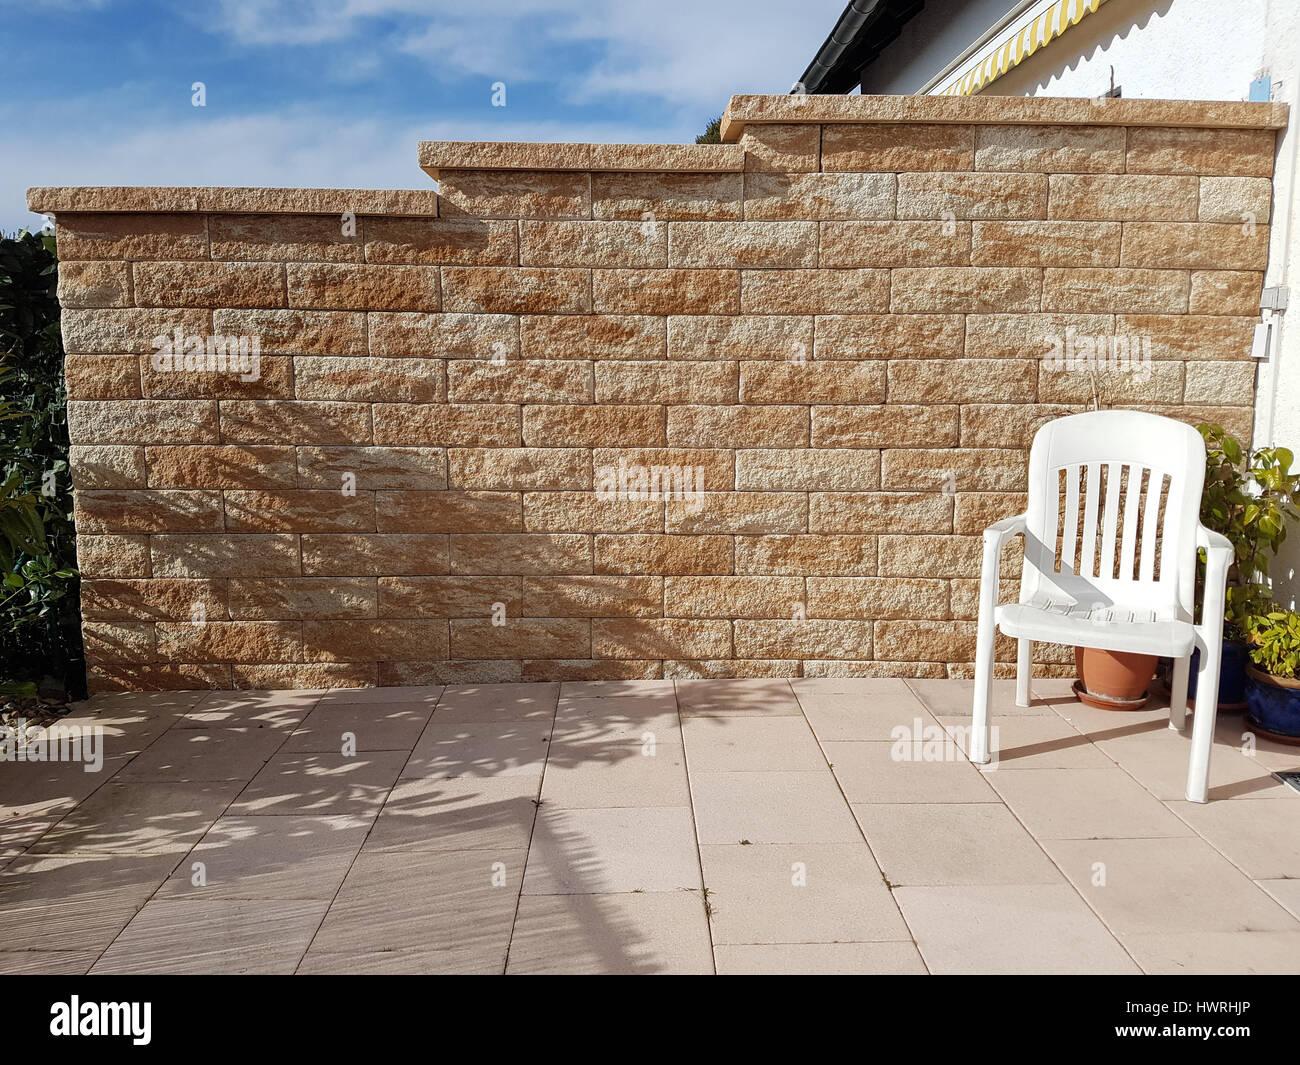 Berühmt Sichtschutzmauer Stock Photos & Sichtschutzmauer Stock Images - Alamy @HP_55